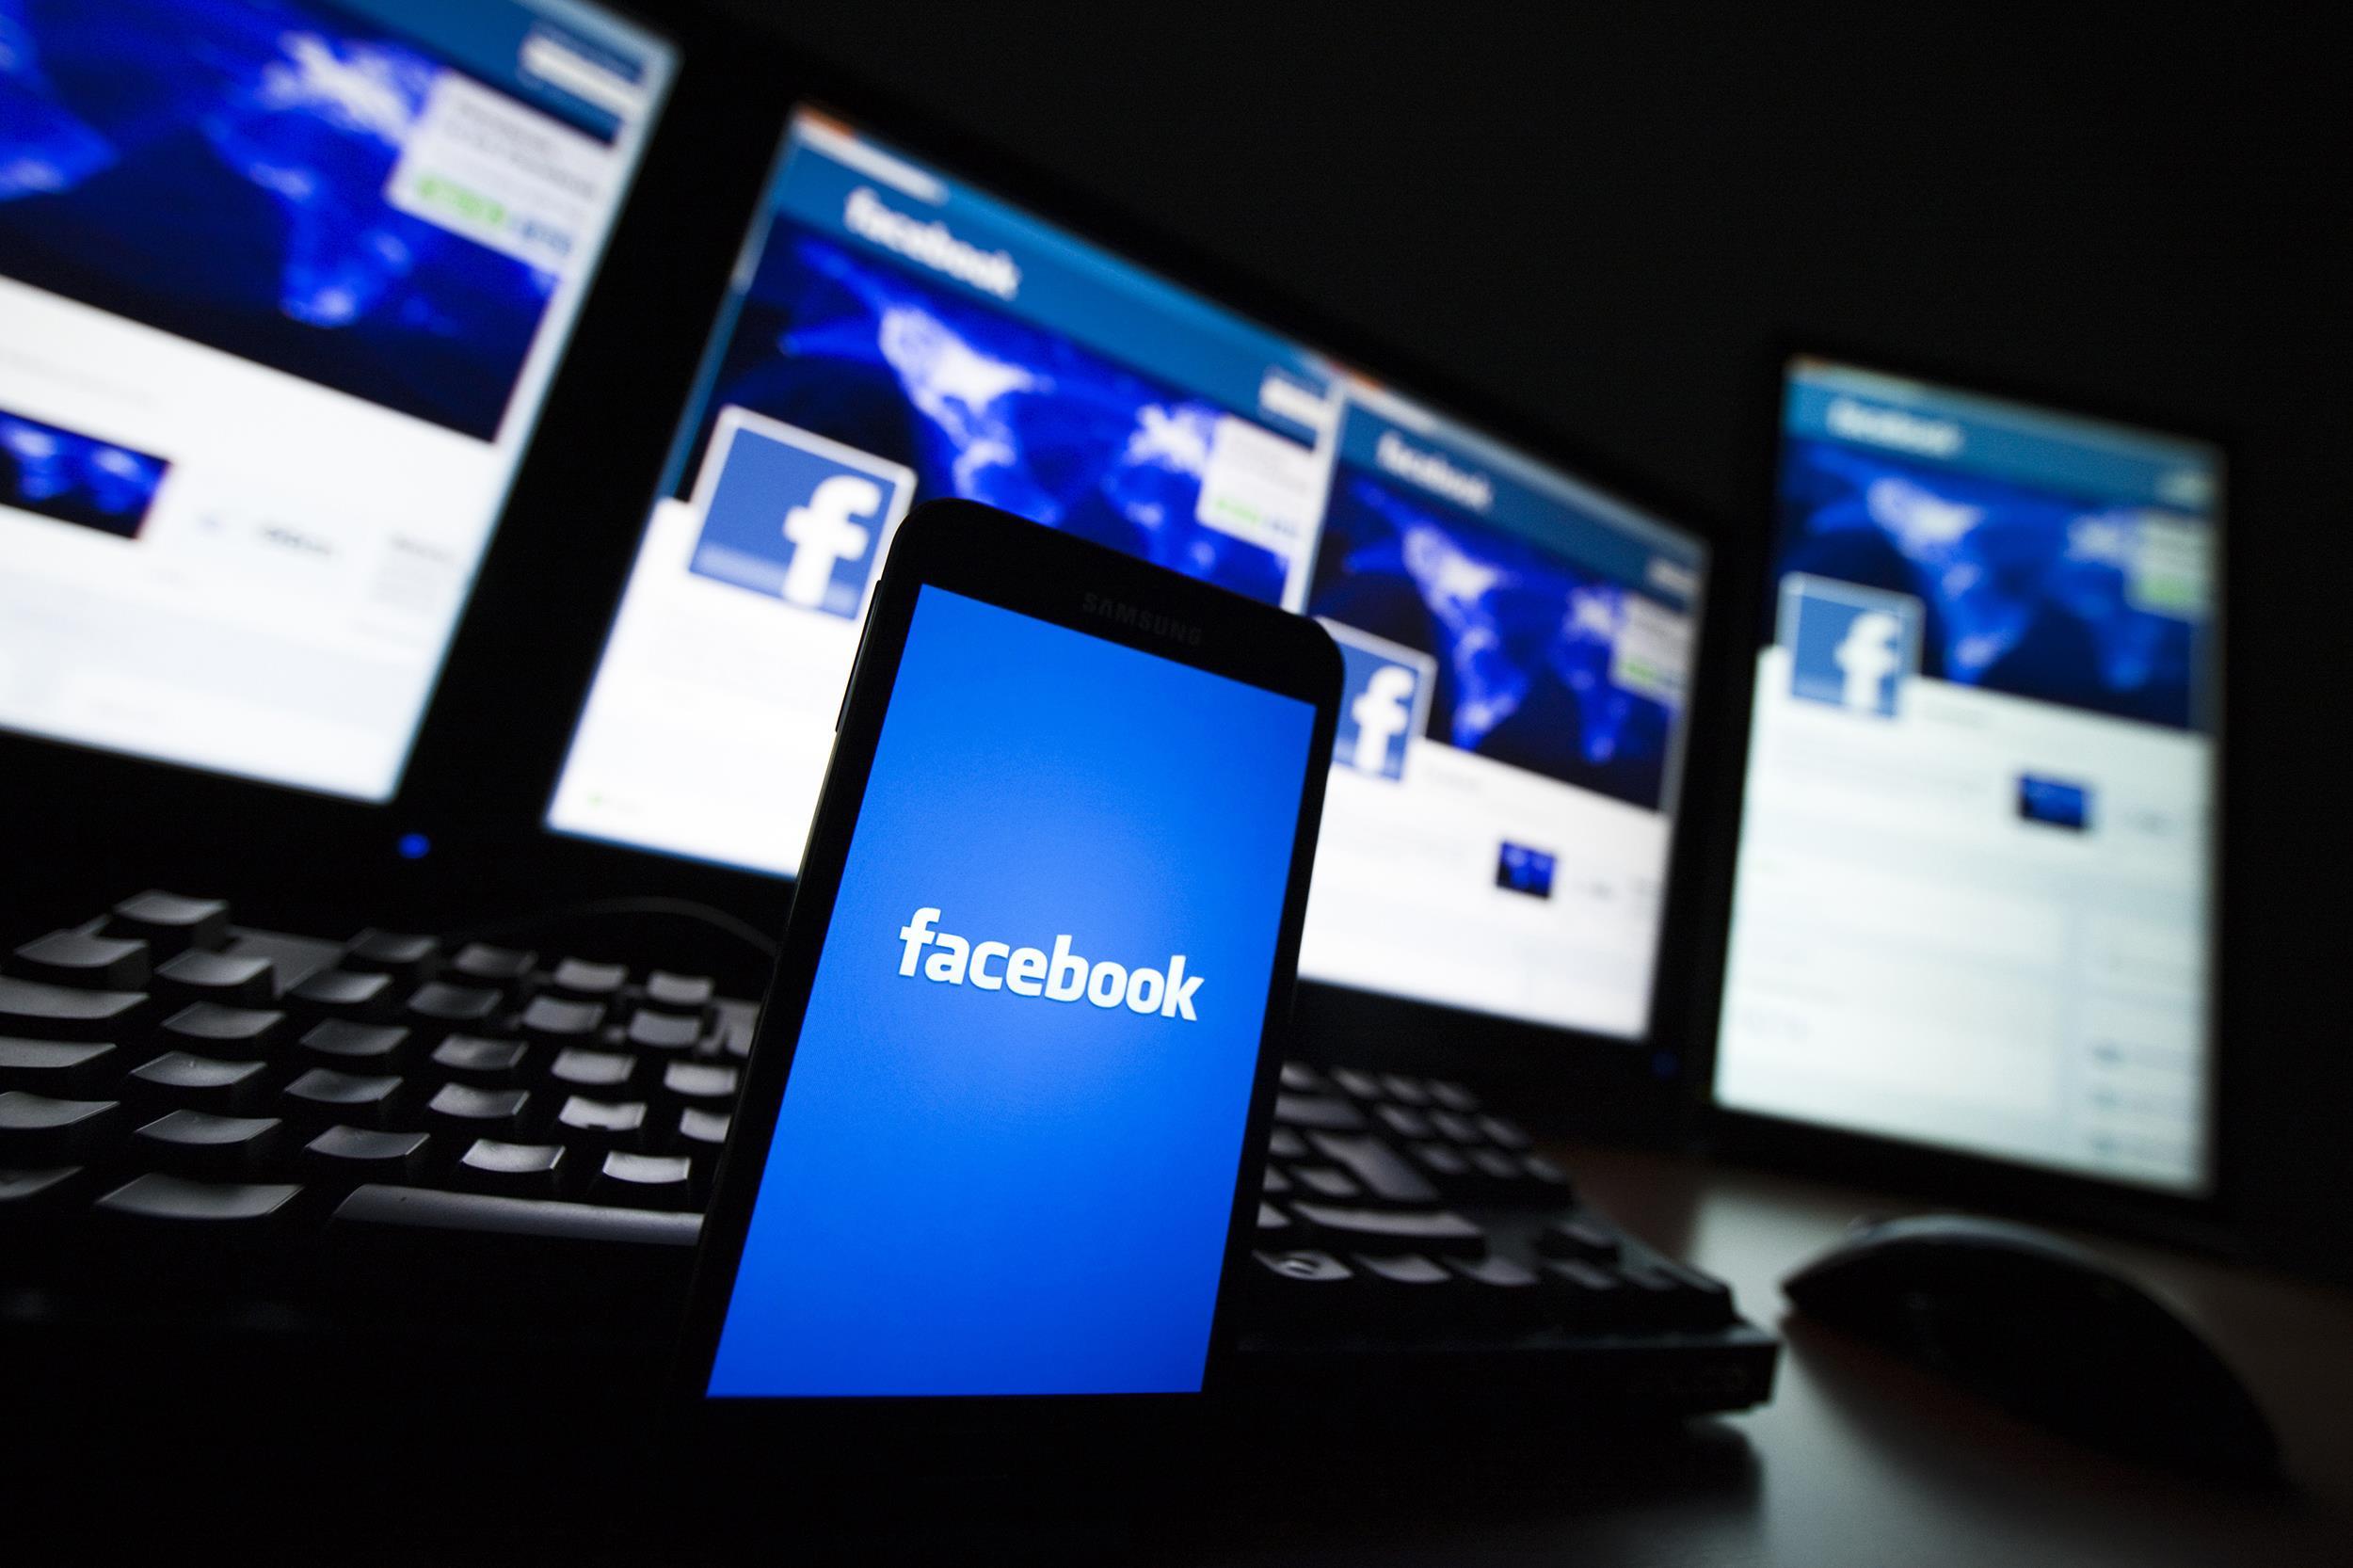 IT業界を牽引する!Facebookが構想する新しいカタチの広告とは?